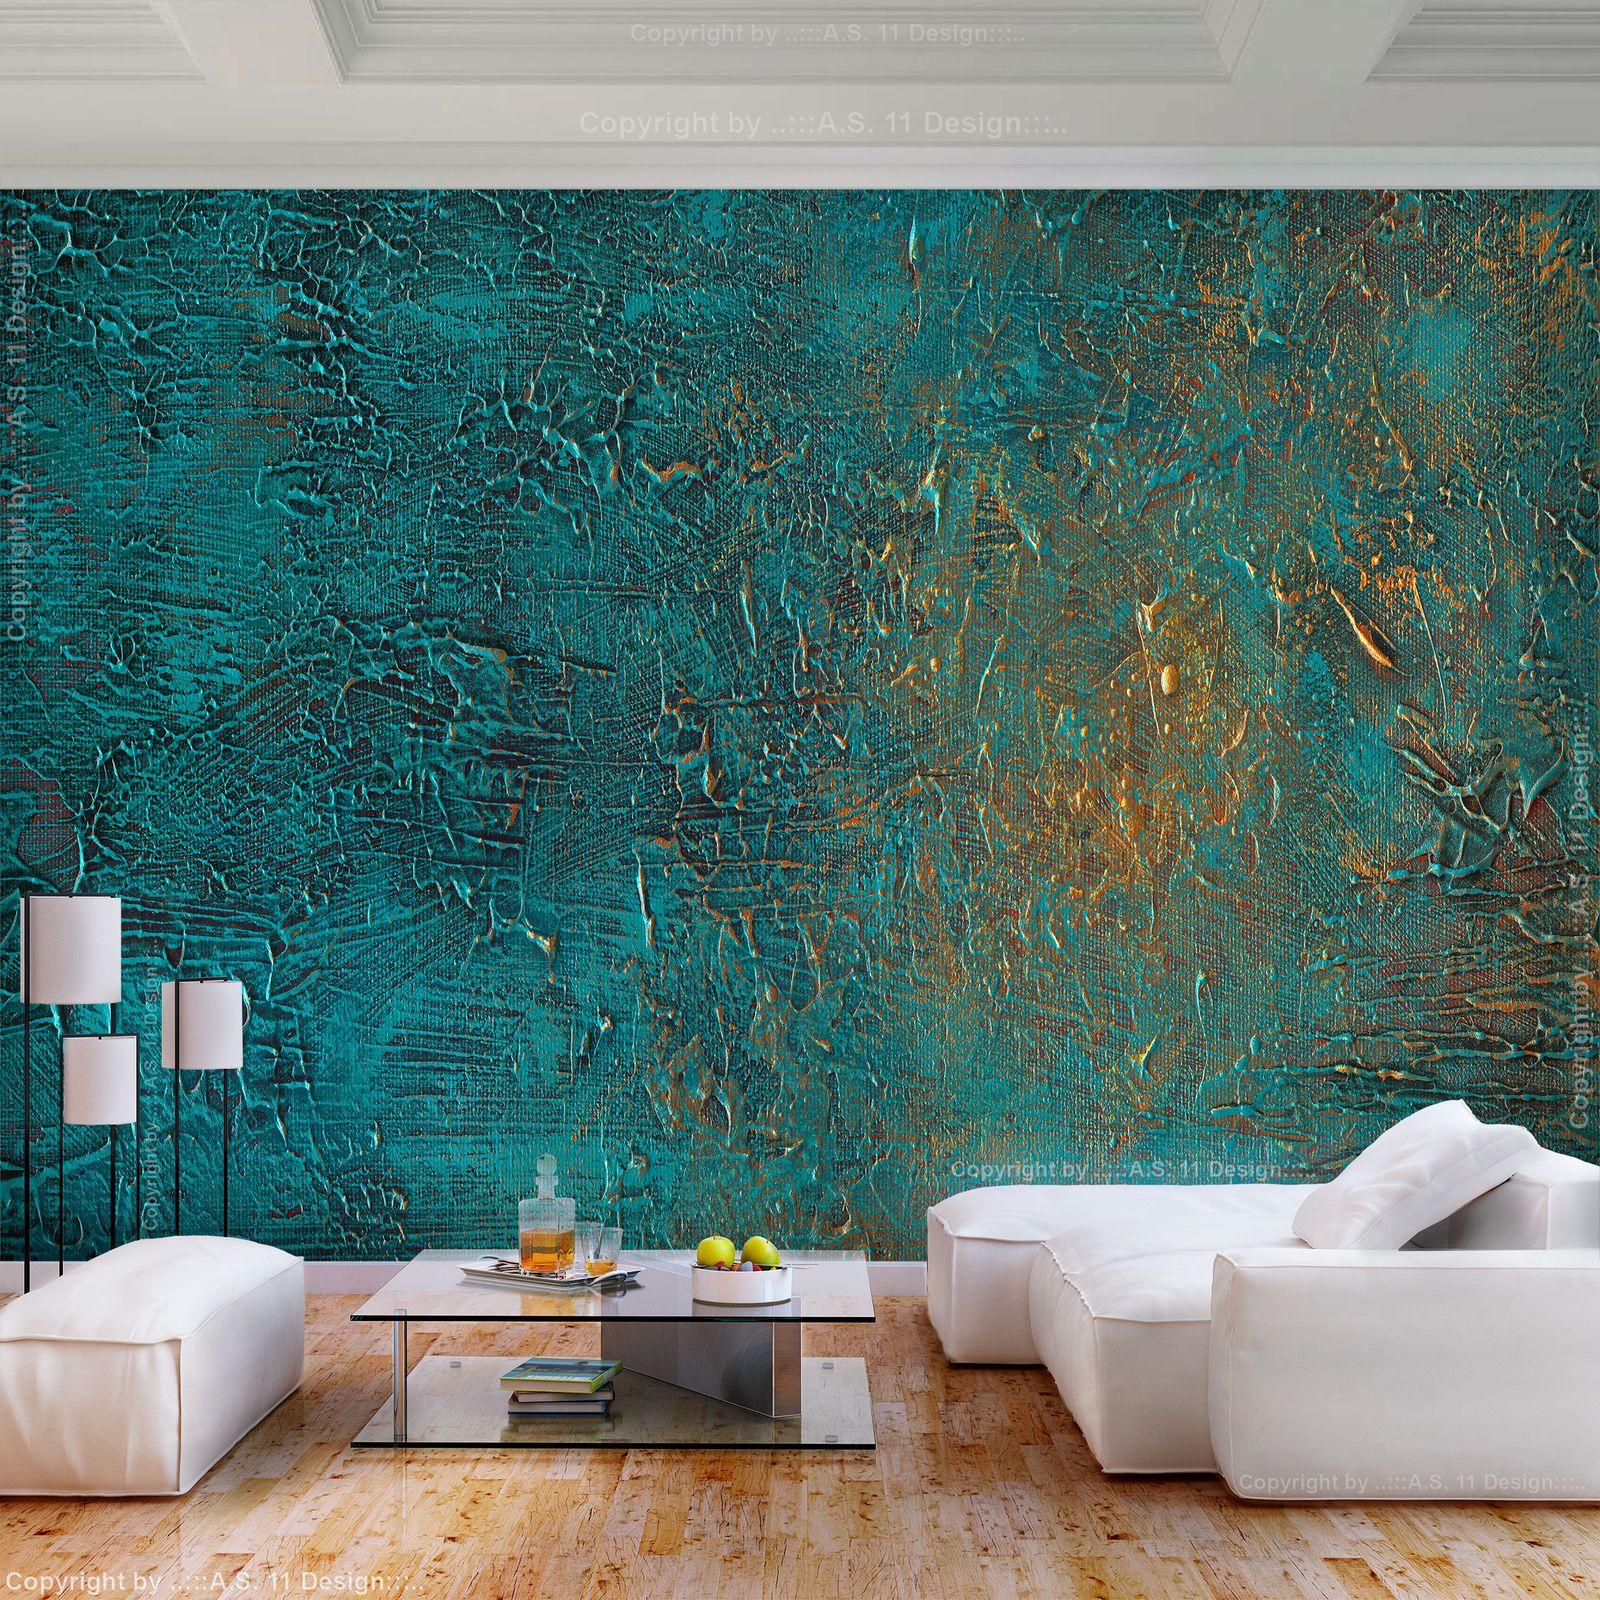 Vlies Fototapete Rost Grun Metalwand 3d Effekt Tapete Wandbilder Xxl